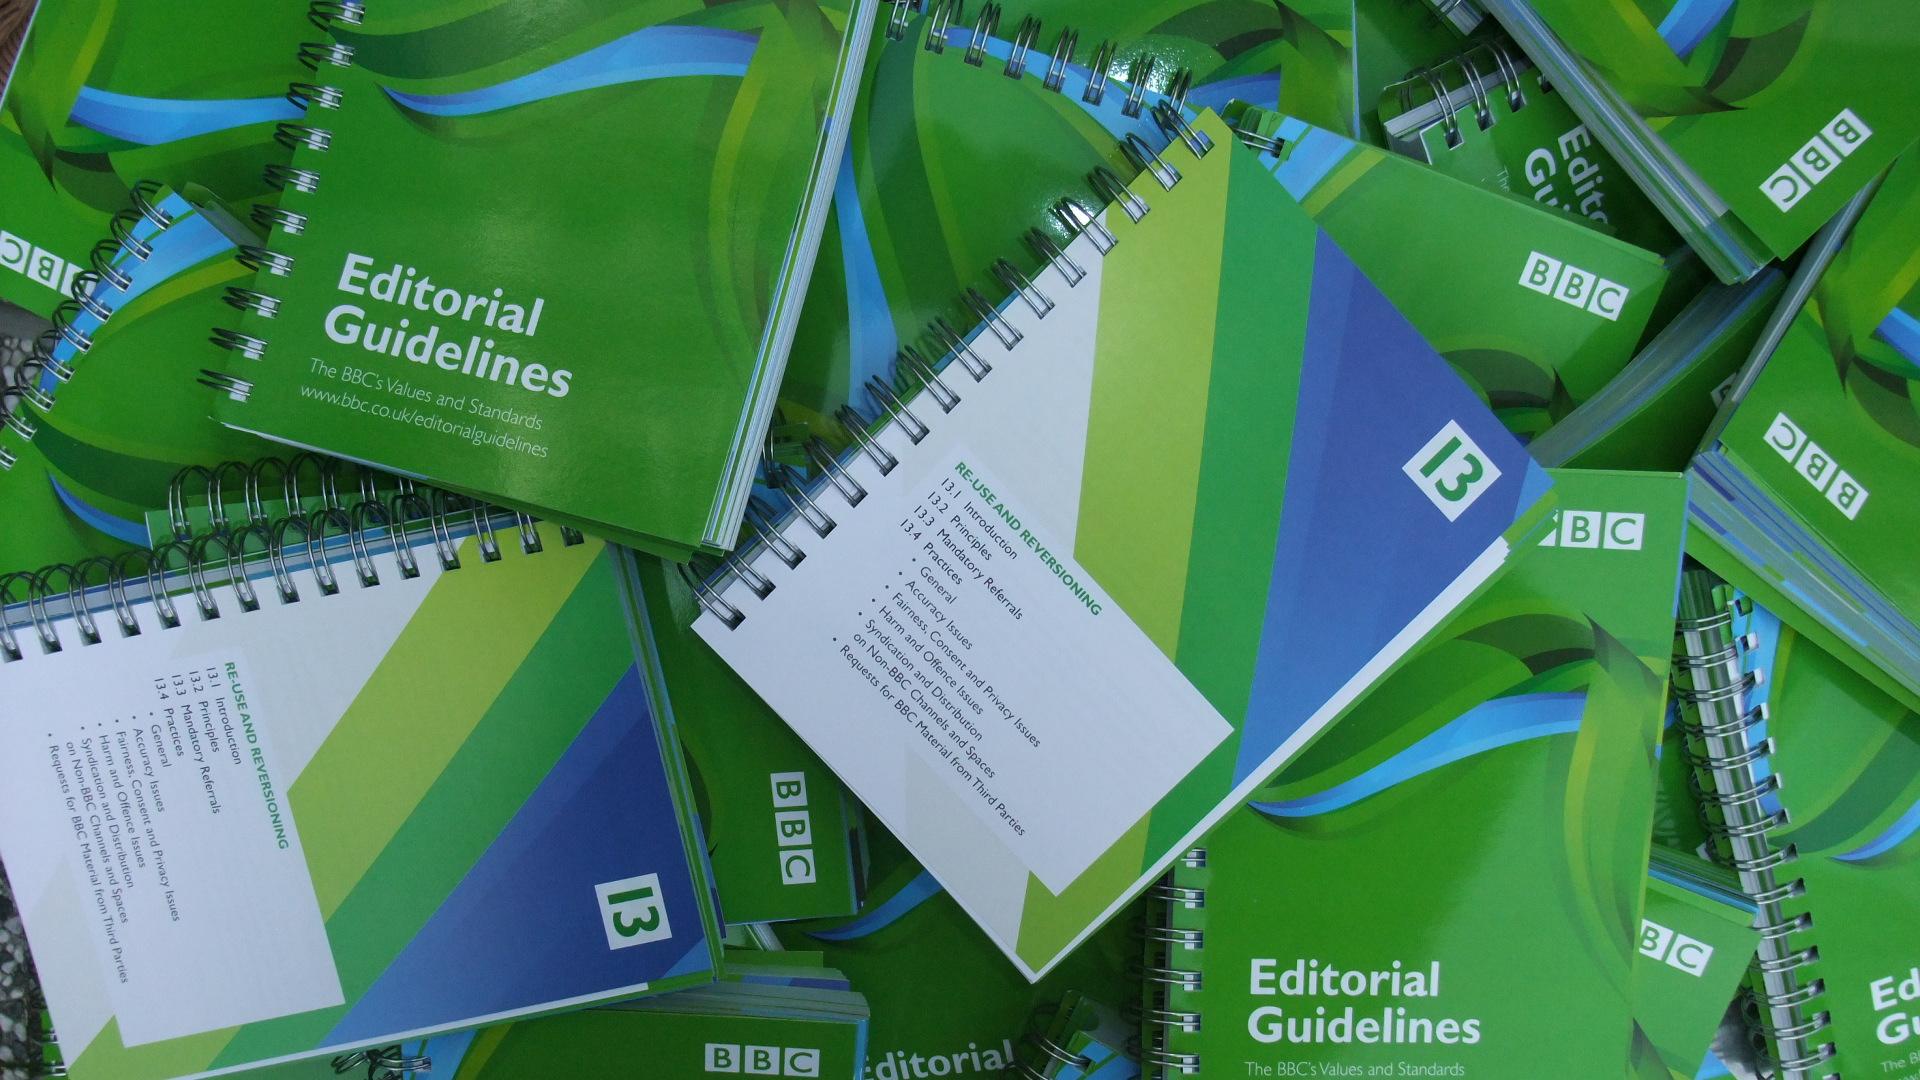 BBC continues to ignore non-fatal terror attacks